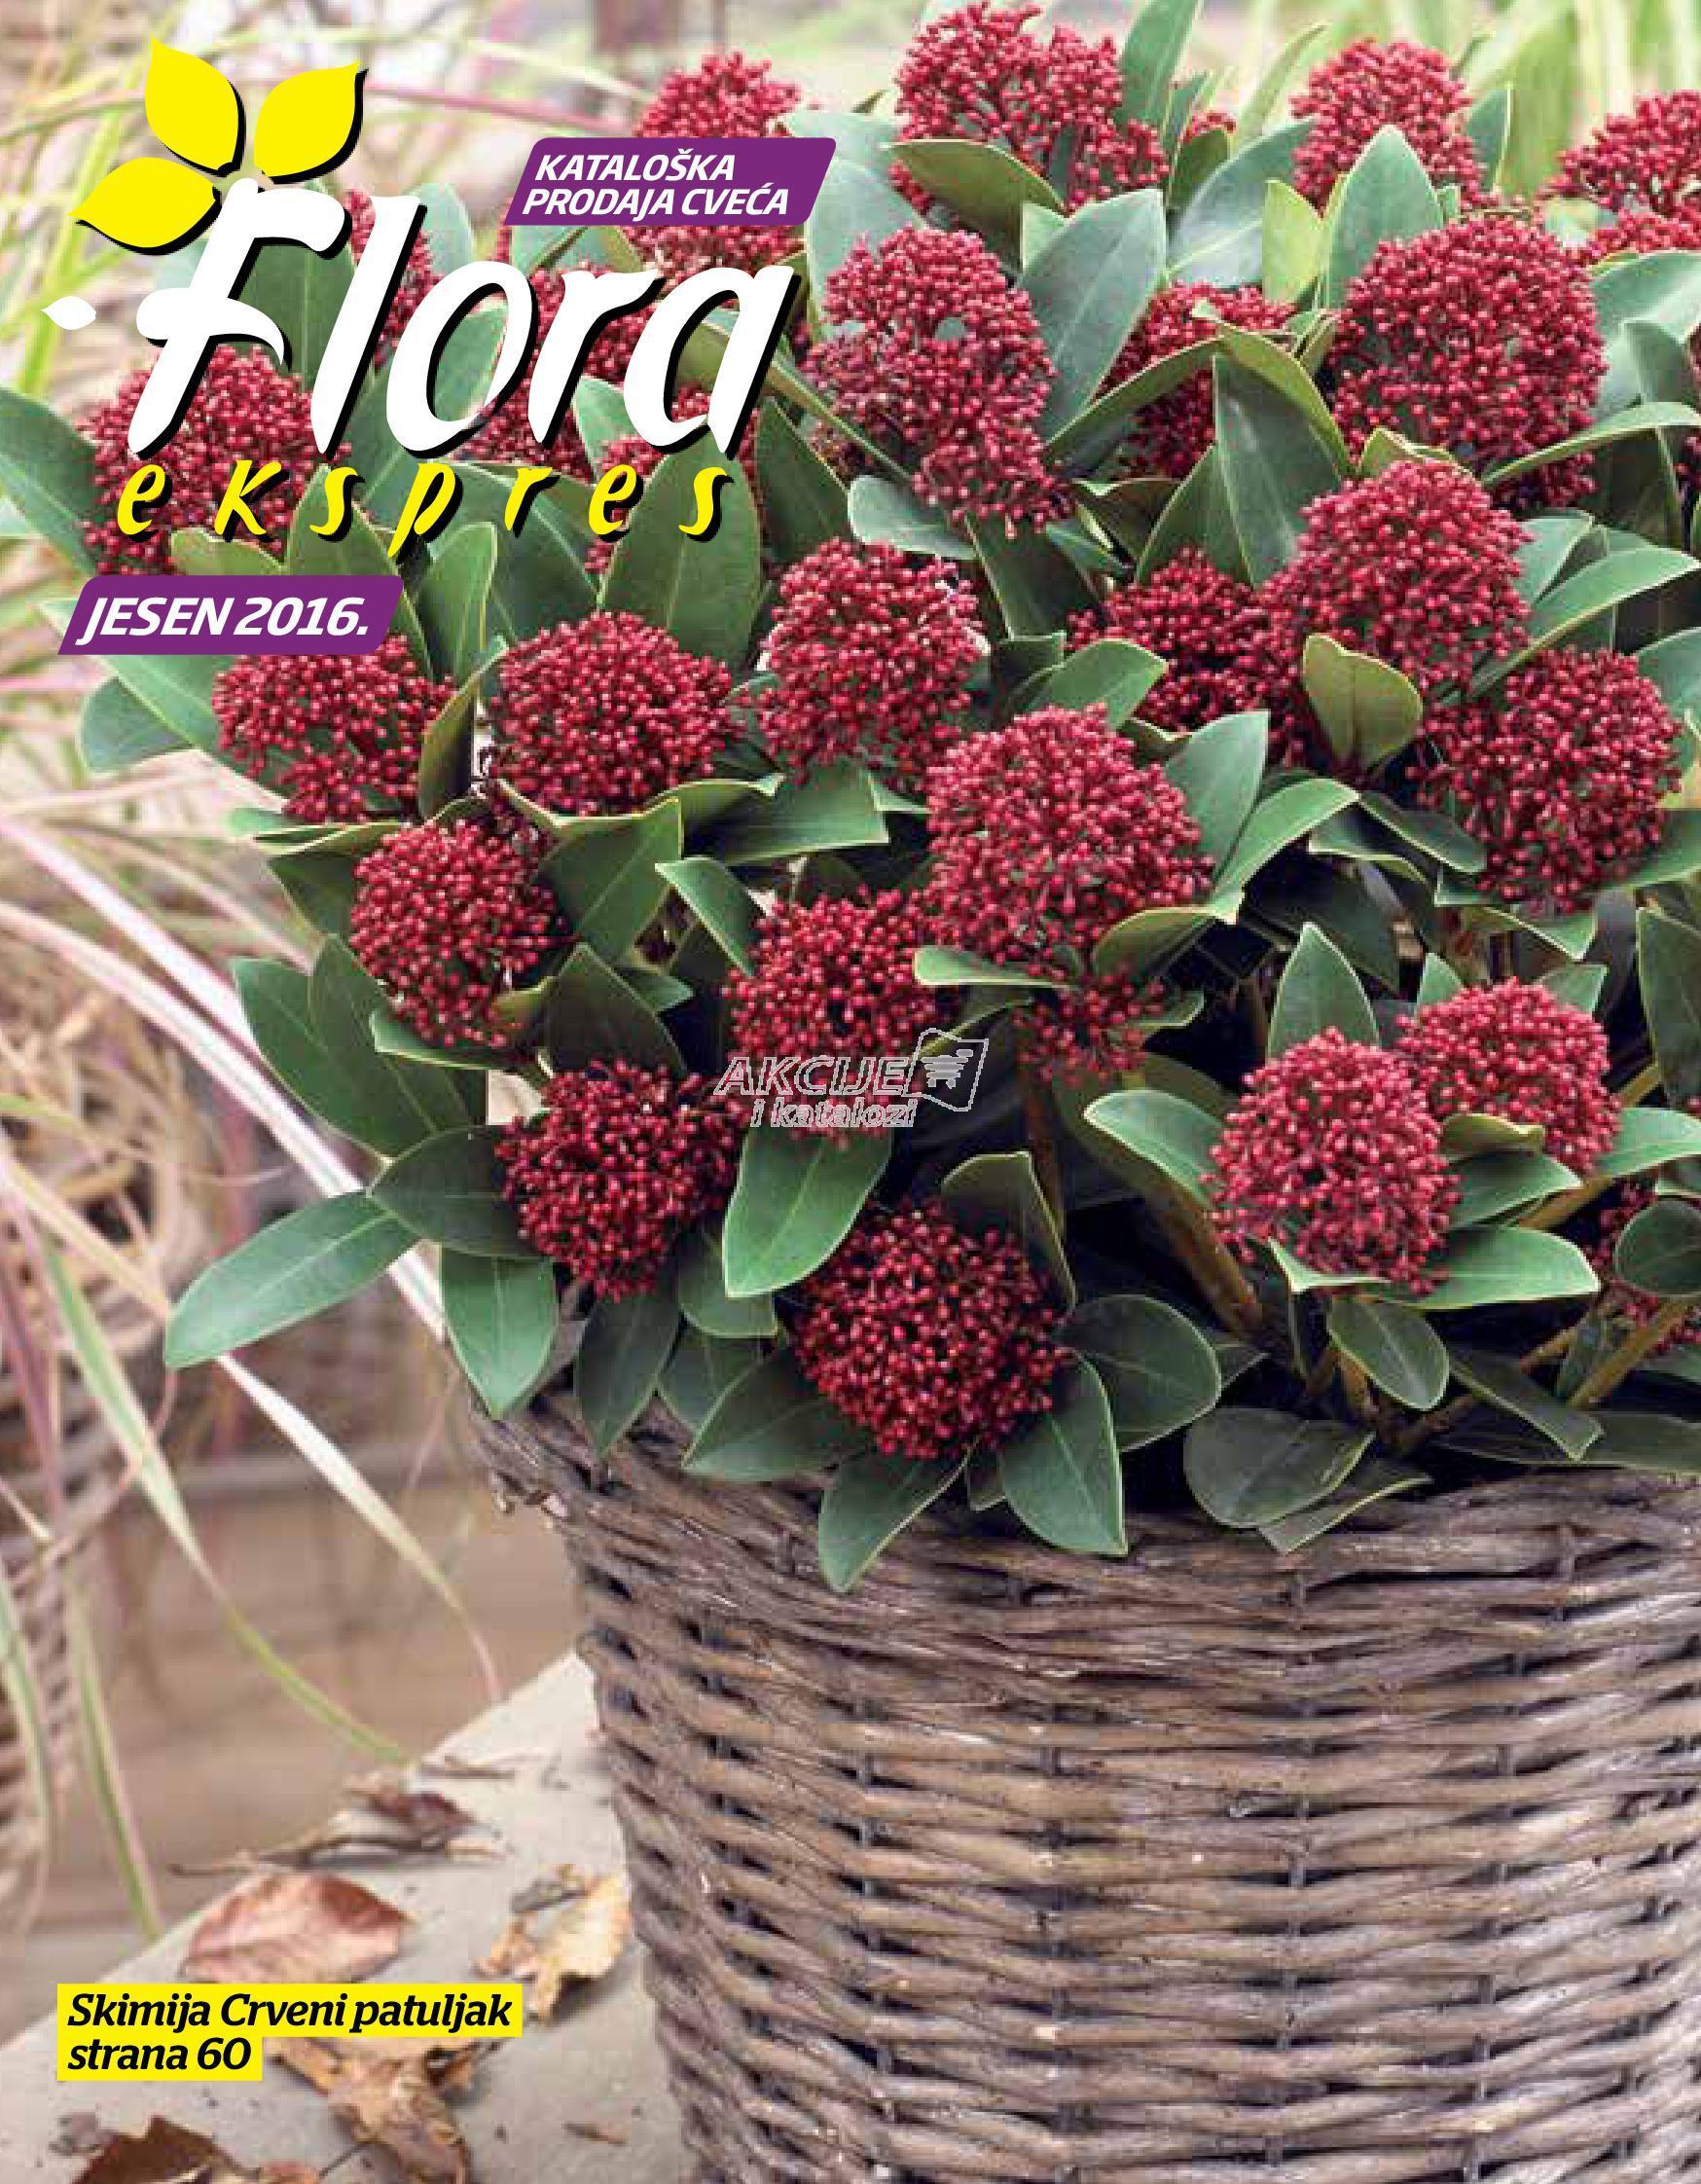 Flora Ekspres - Redovna akcija jesenje kupovine